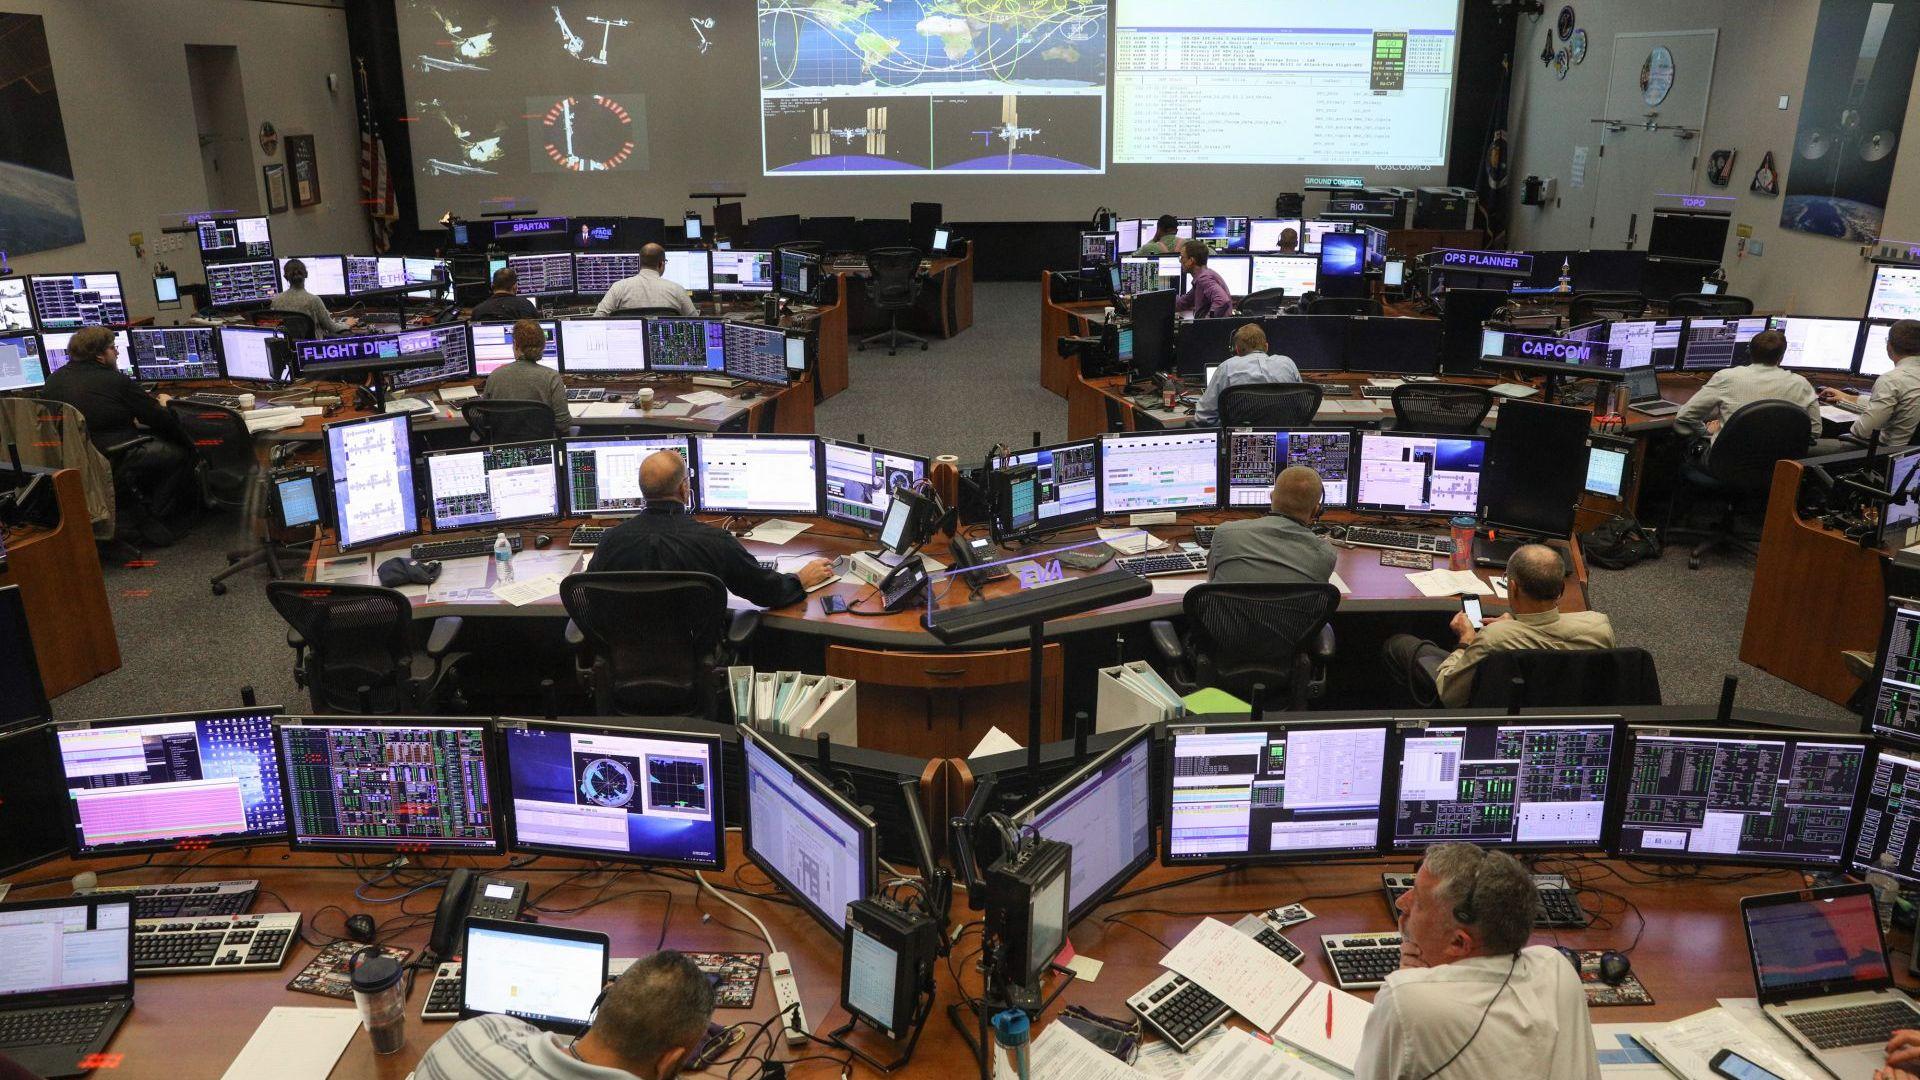 НАСА обстрелва астероид с 500-килограмова сонда, за да промени траекторията му